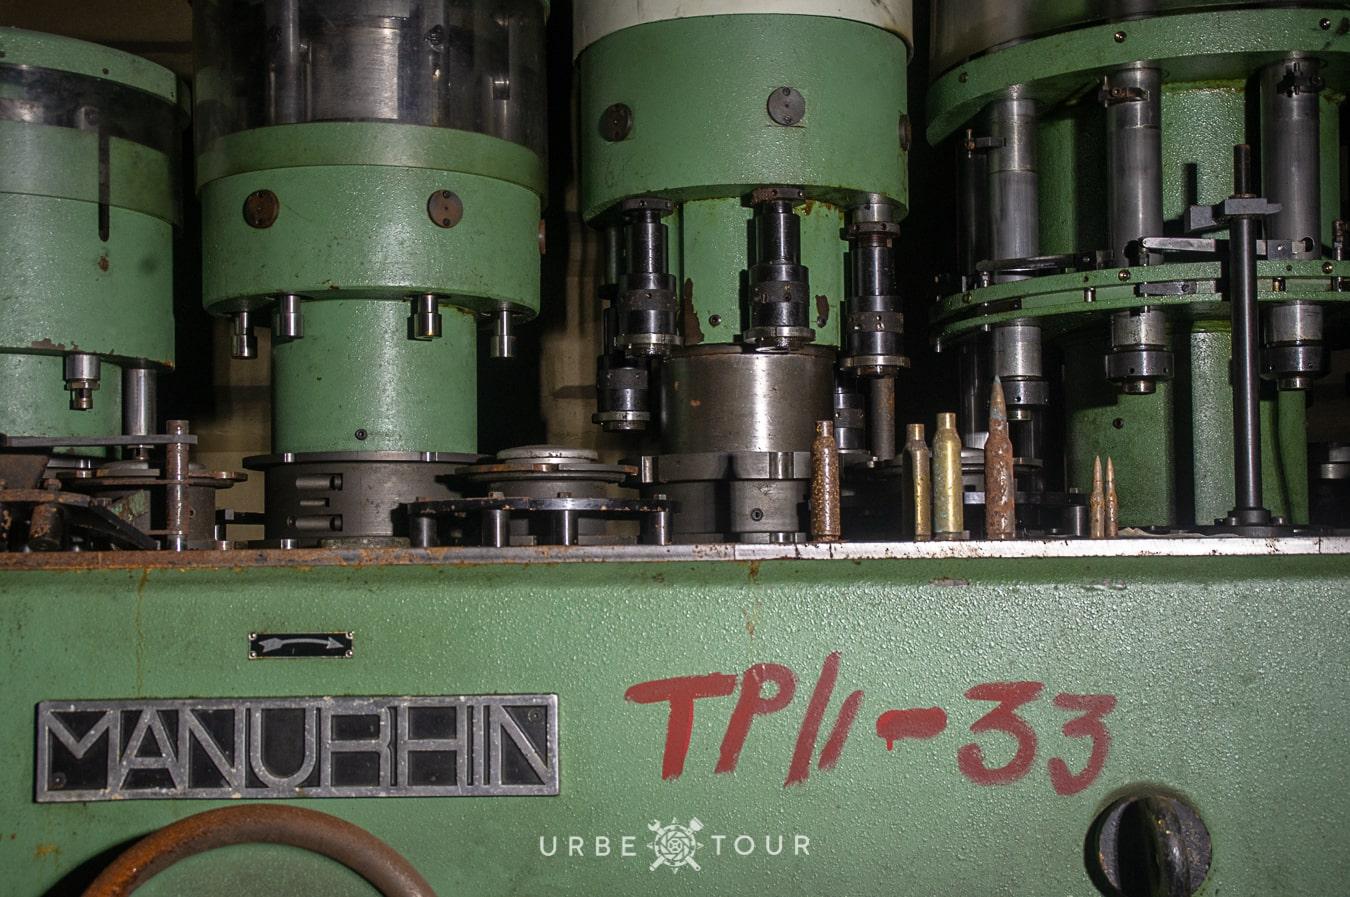 polican-communist-wearpon-underground-plant-28 Поличан: секретный военный бункер-завод коммунистов в горах Албании